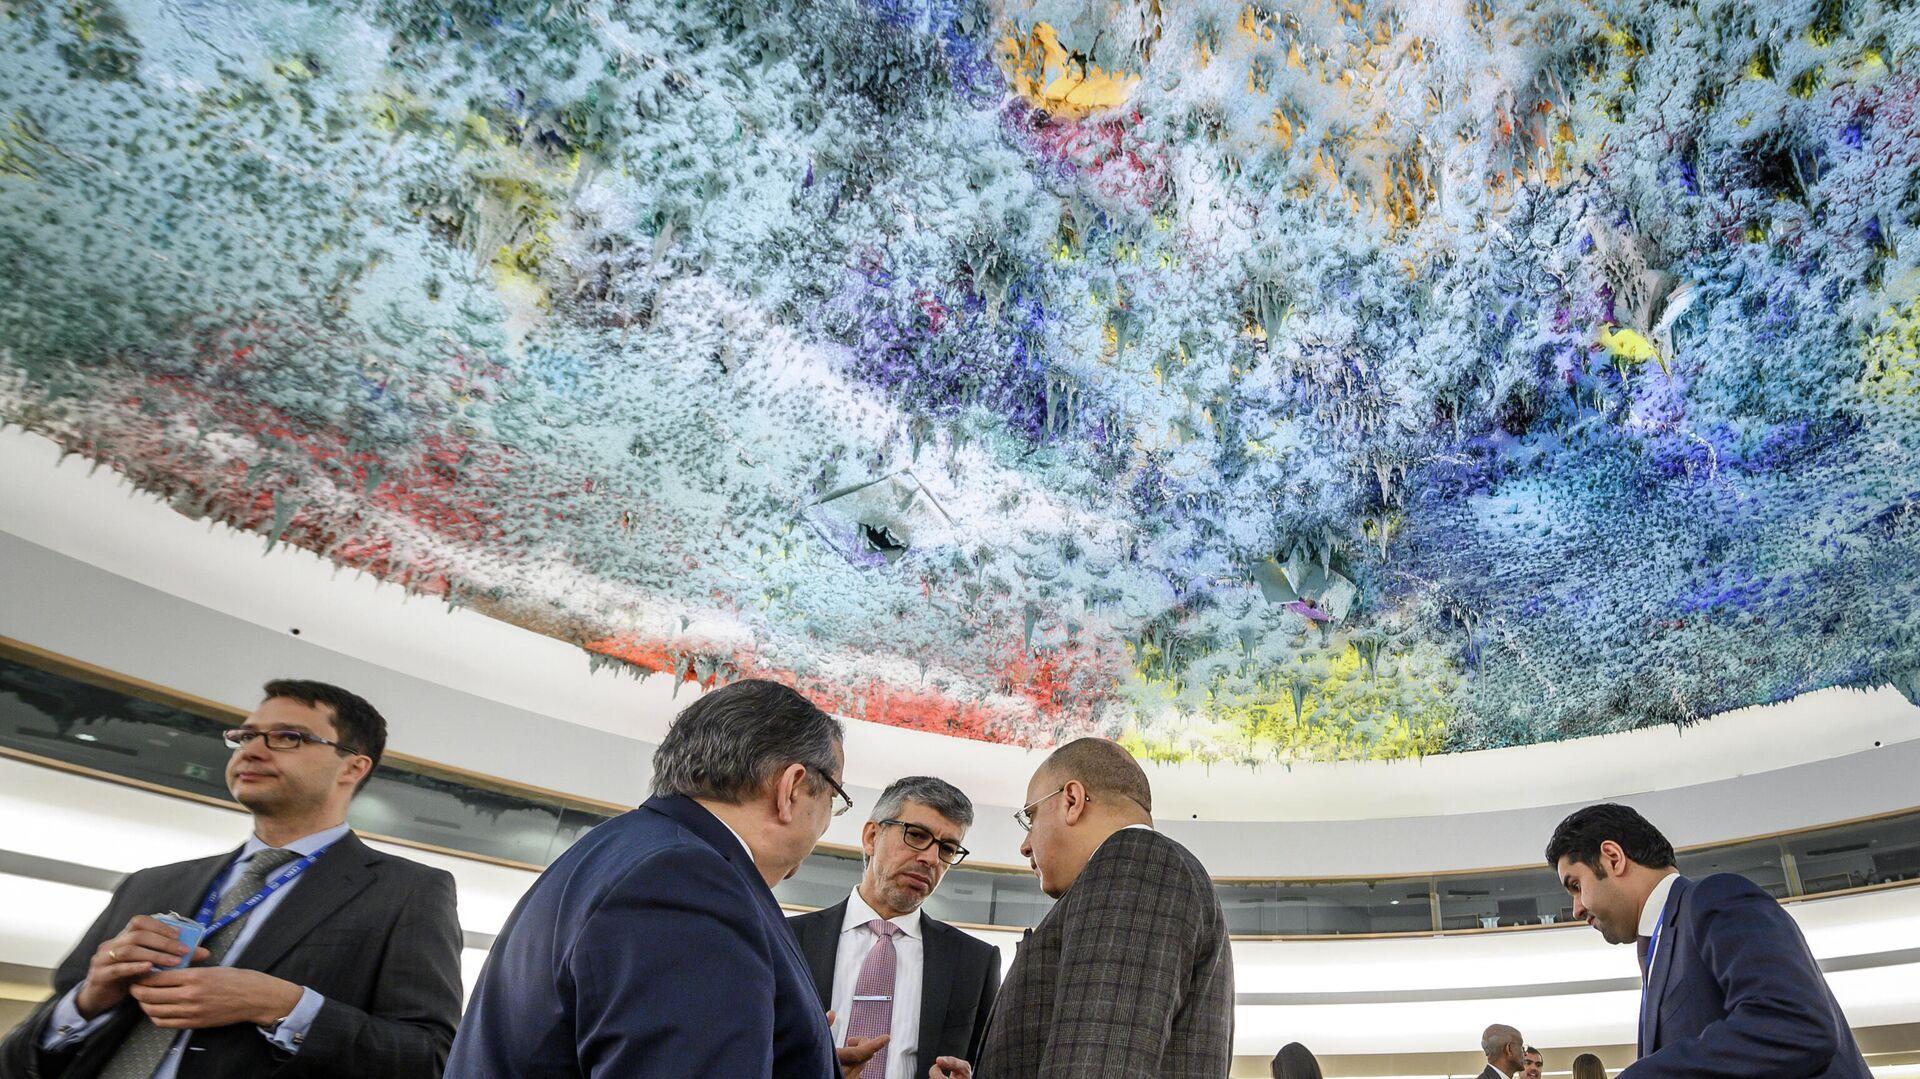 Заседание Совета по правам человека ООН в Женеве - Sputnik Узбекистан, 1920, 13.10.2021